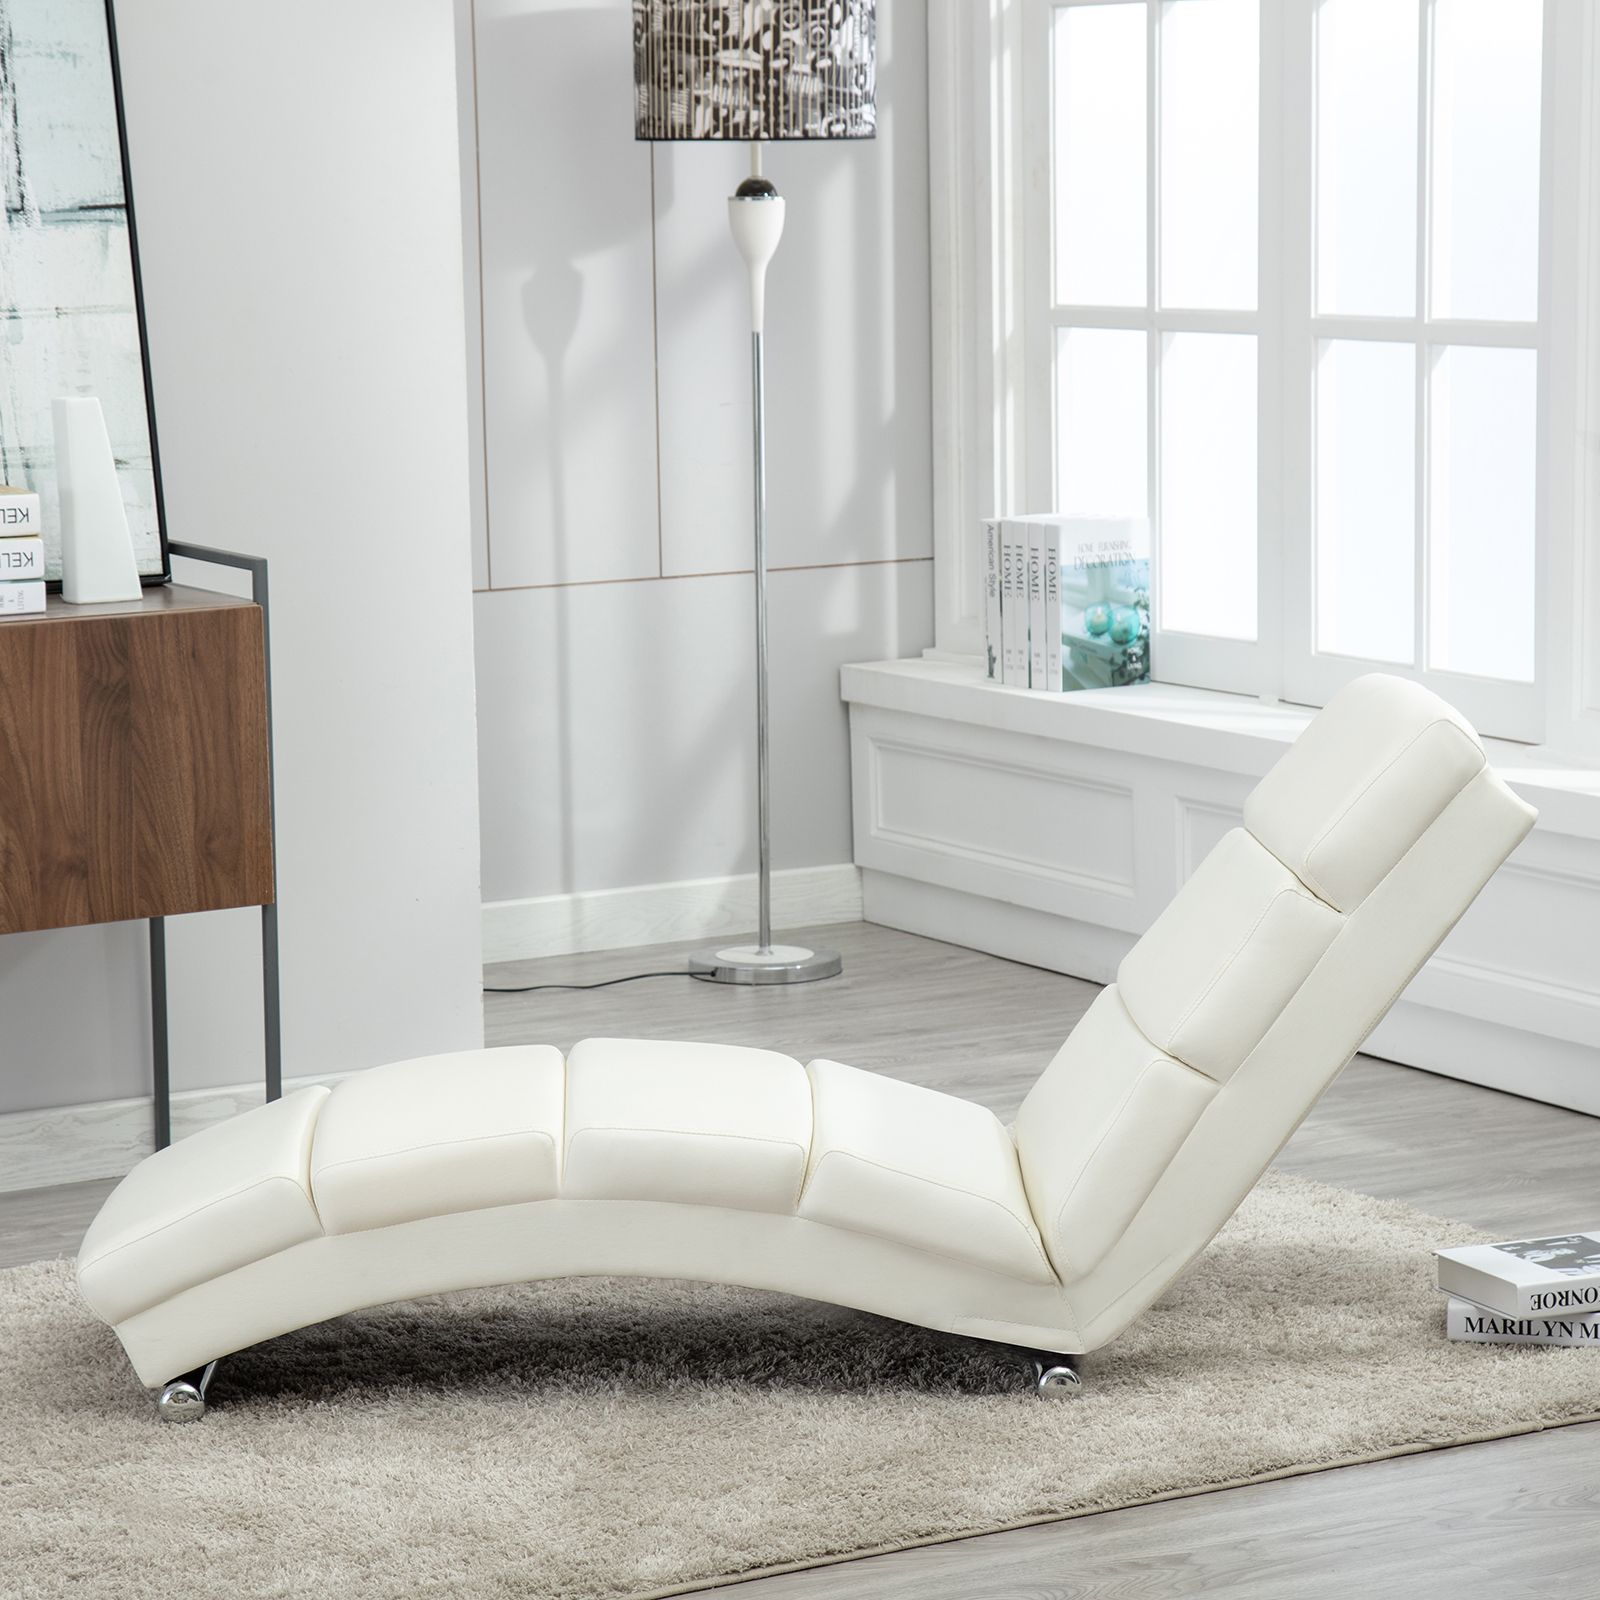 5 Ungewöhnlich Fotos Von Relaxliege Wohnzimmer Design  Wohnzimmer